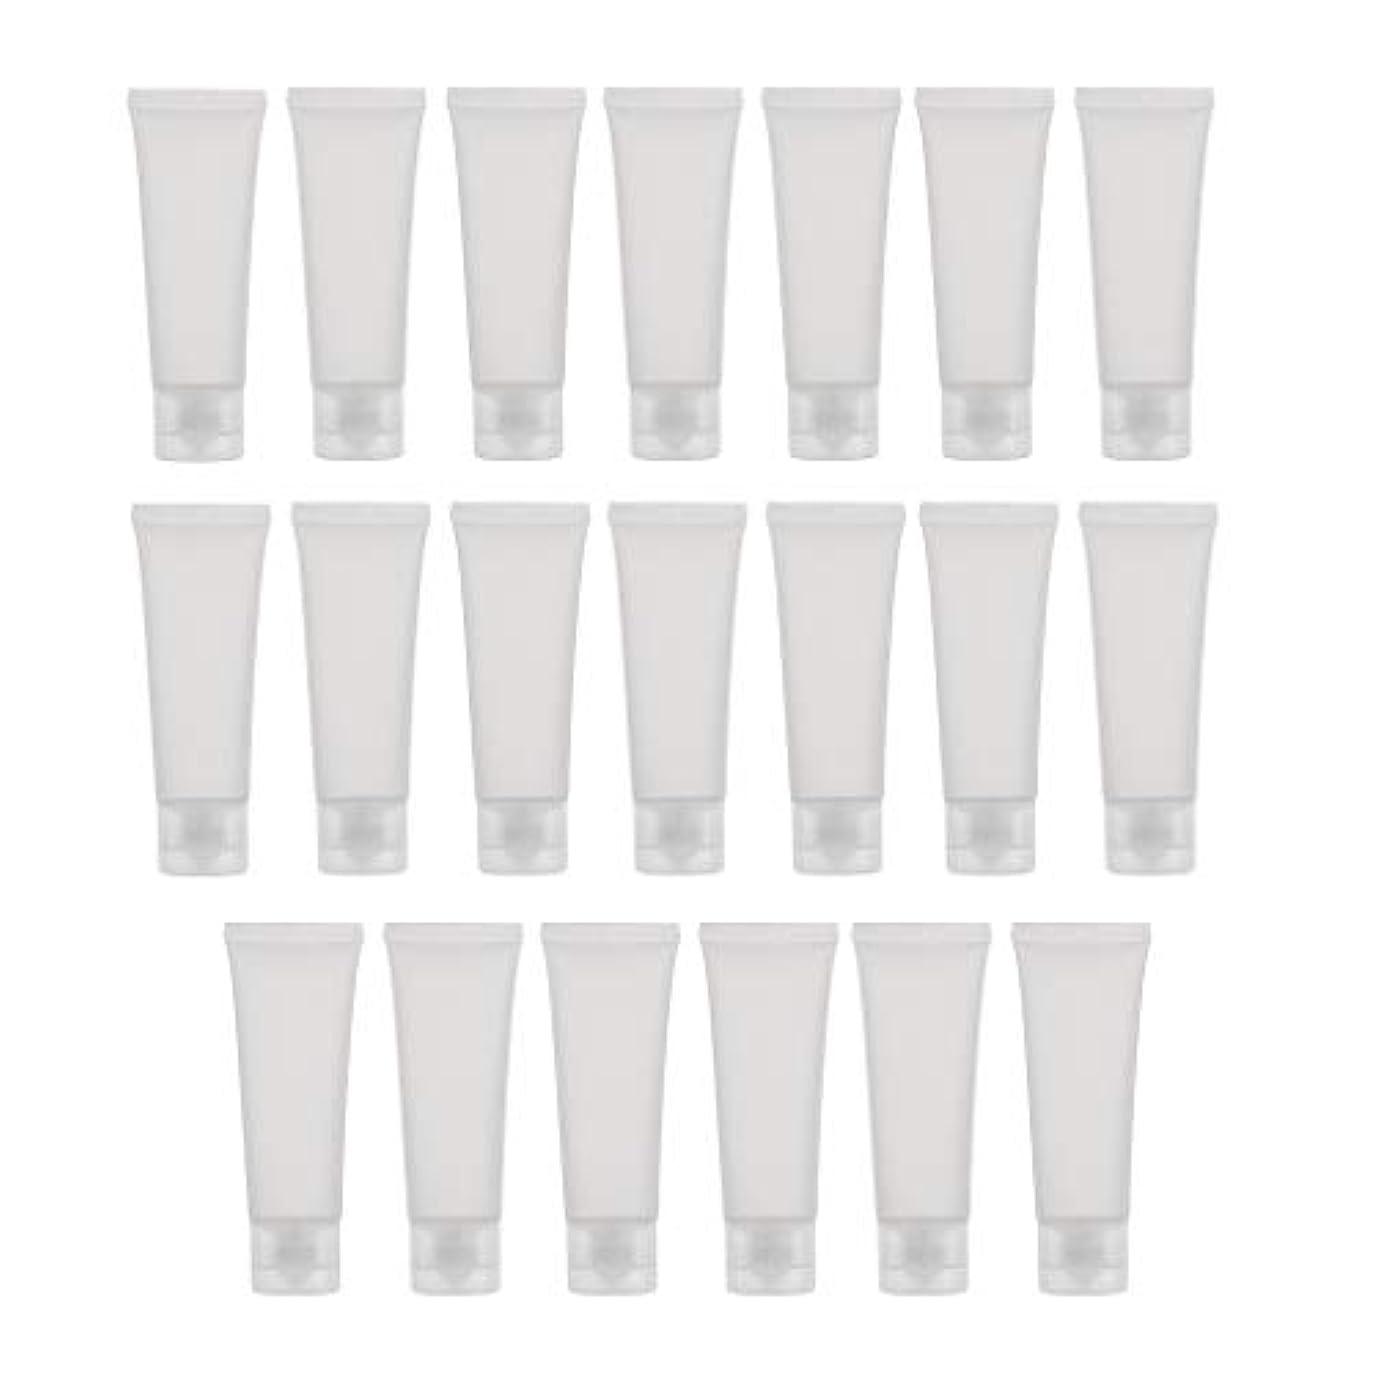 出くわす祭り強調するToygogo 20ピース/個 50ml空のプラスチックチューブボトルクリアボディ用ローションクリームシャンプー、DIY用フリップ蓋付き - #1